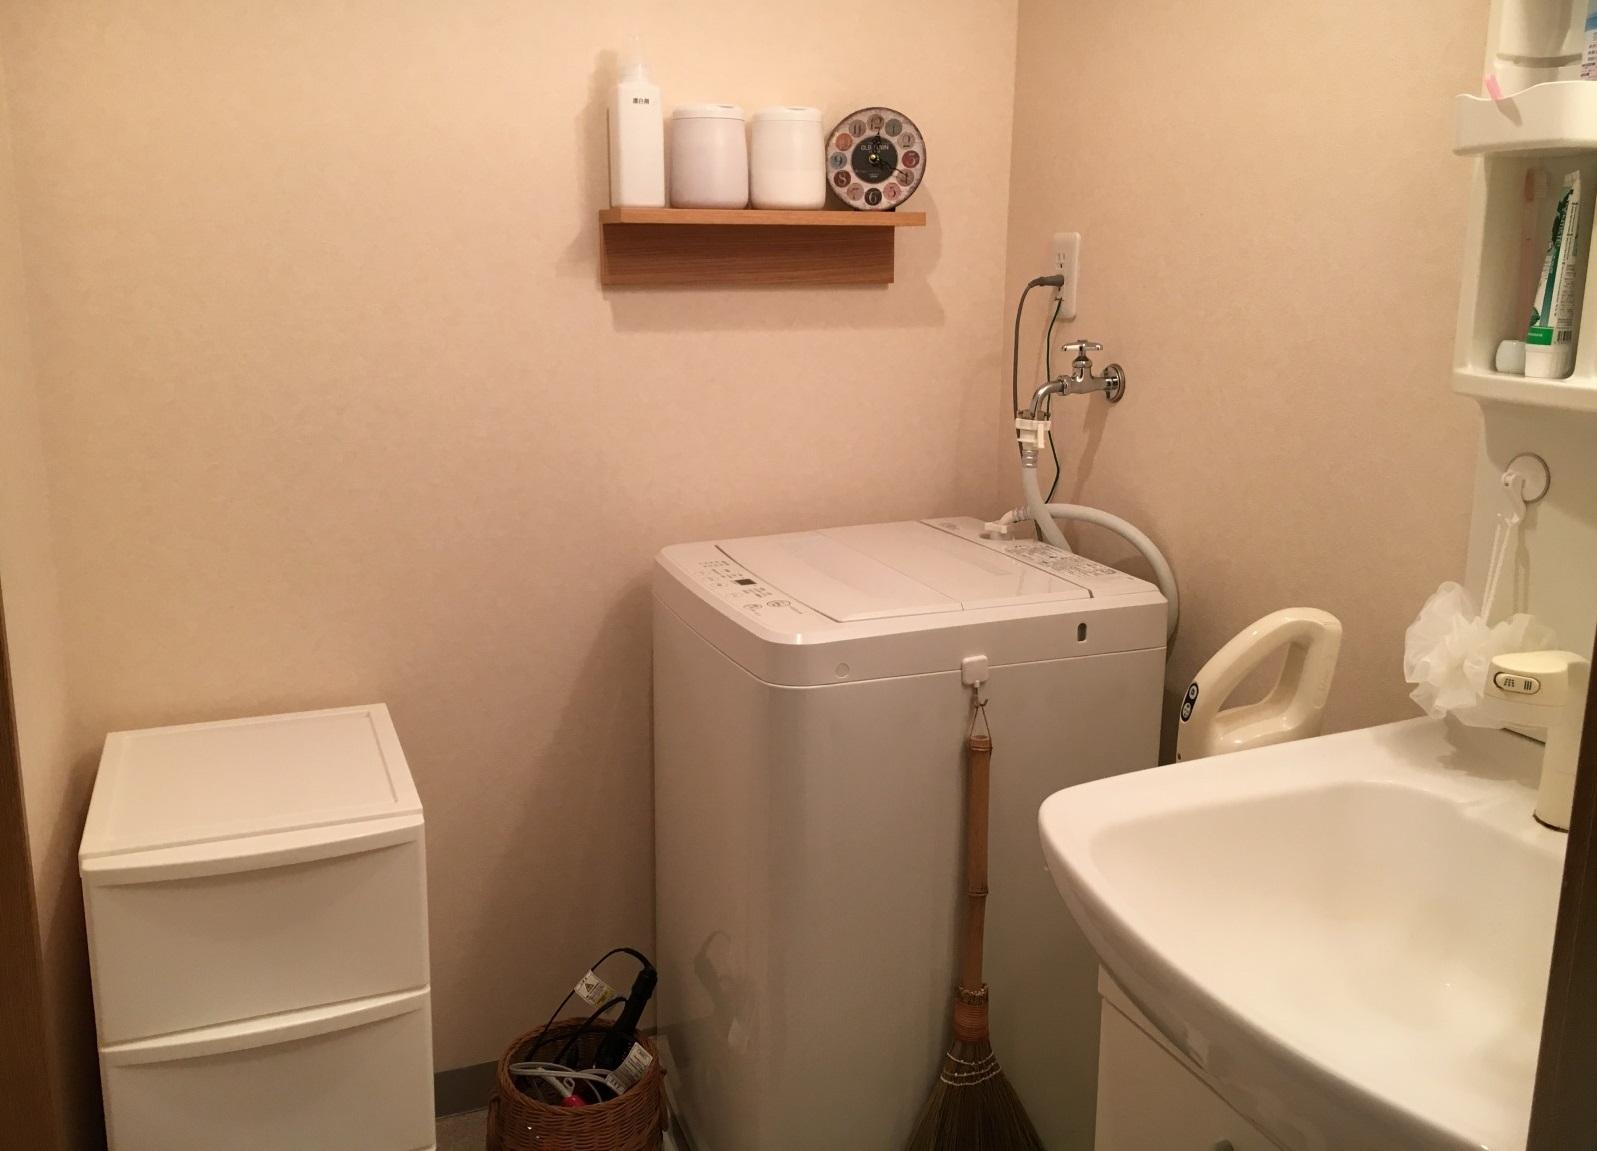 洗面台まわりは白い家電、家具で統一。収納ボックスは100円ショップで購入したシンプルなもの|誰でも今日から実践できる!無理のない断捨離でシンプルライフを送るコツ